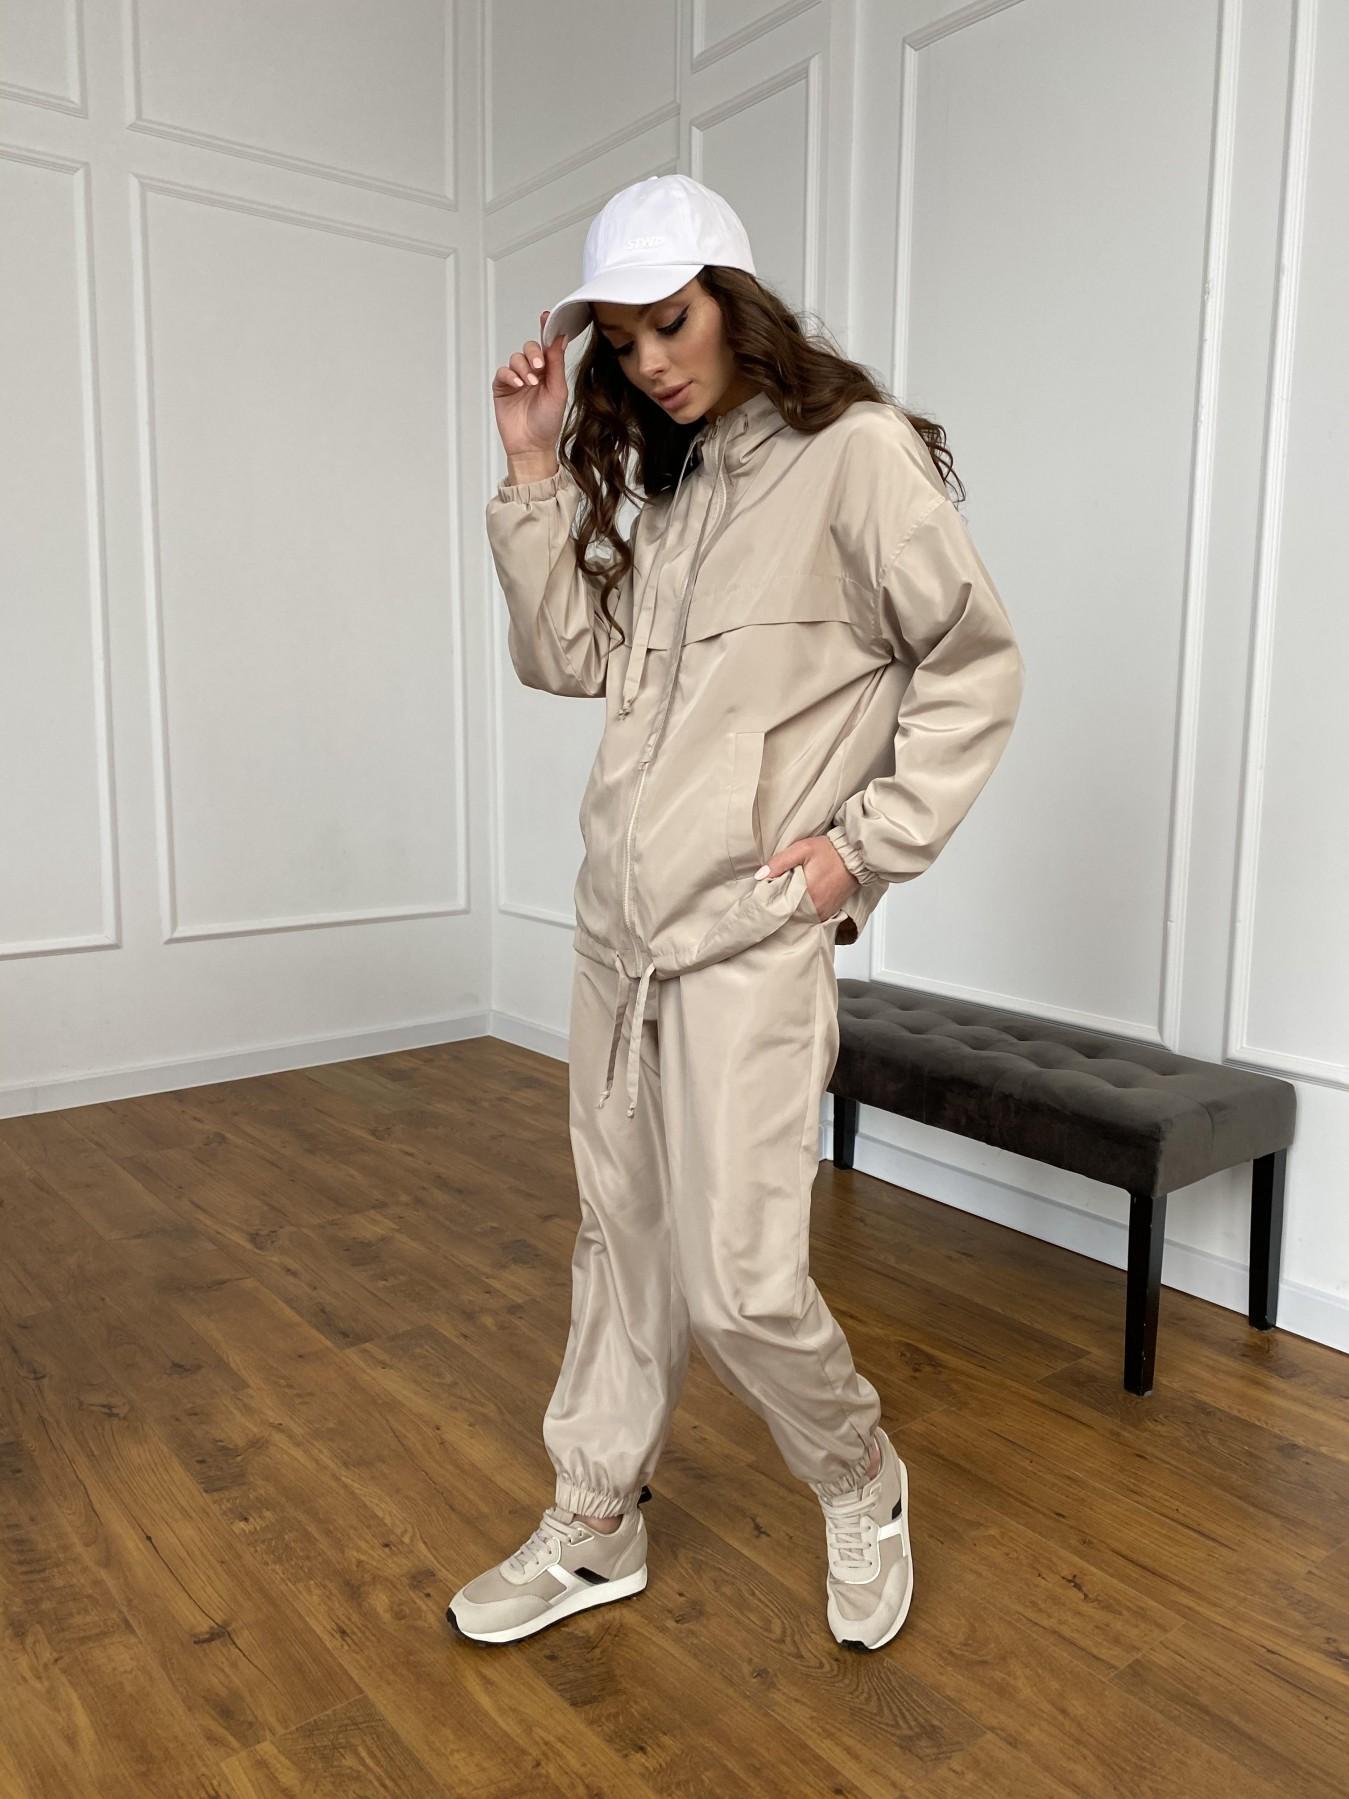 Фит костюм из плащевой ткани 11005 АРТ. 47502 Цвет: Бежевый - фото 19, интернет магазин tm-modus.ru